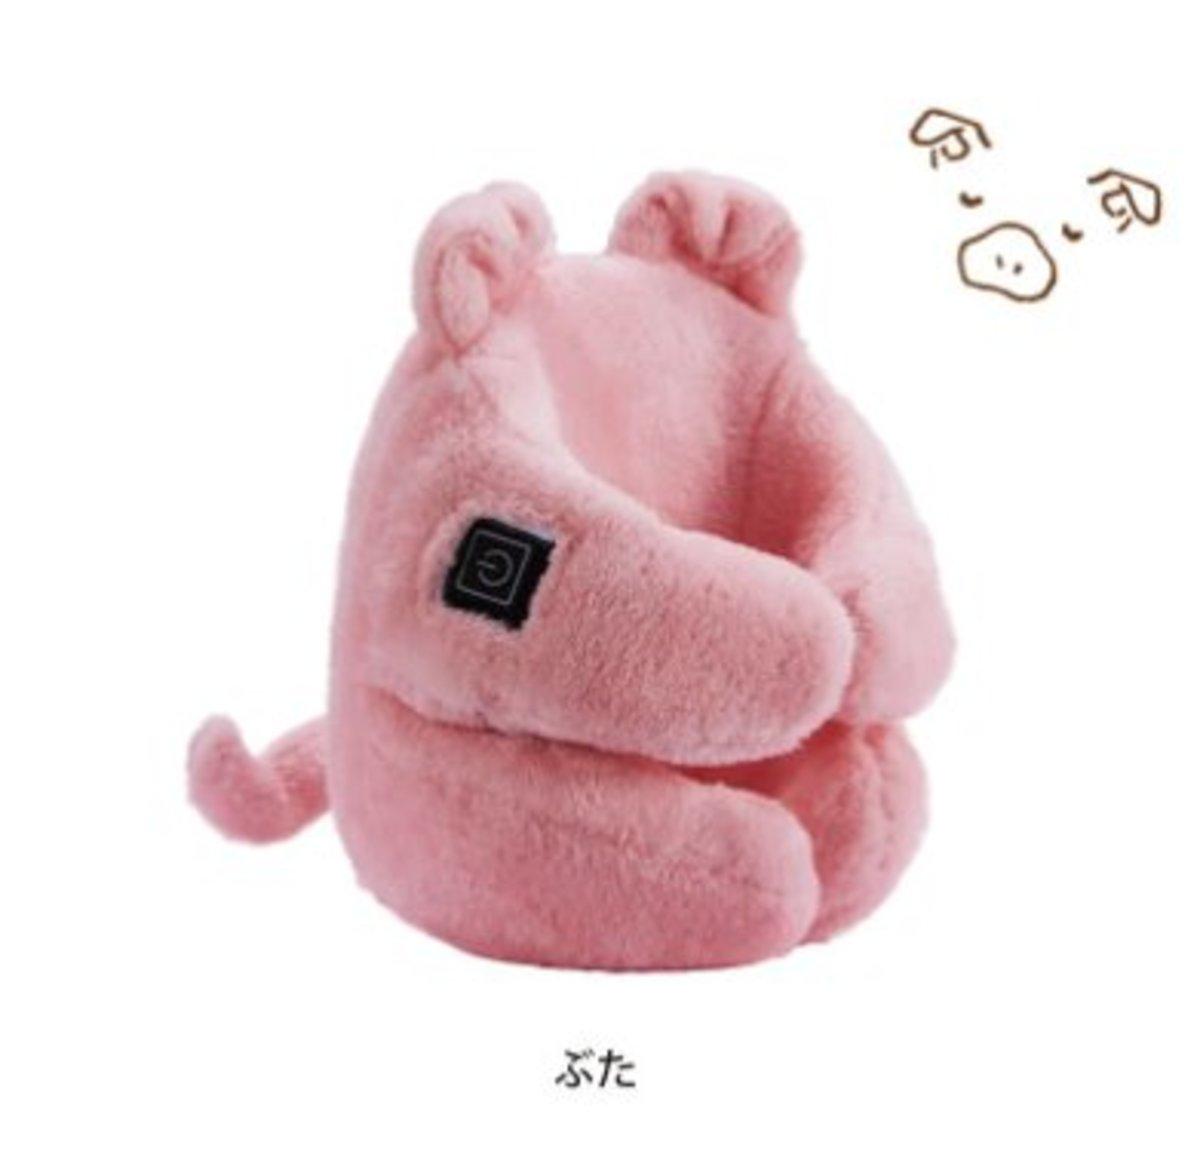 【Authorized Product】Desk de Zoo AX-KXL4100 (Pink)